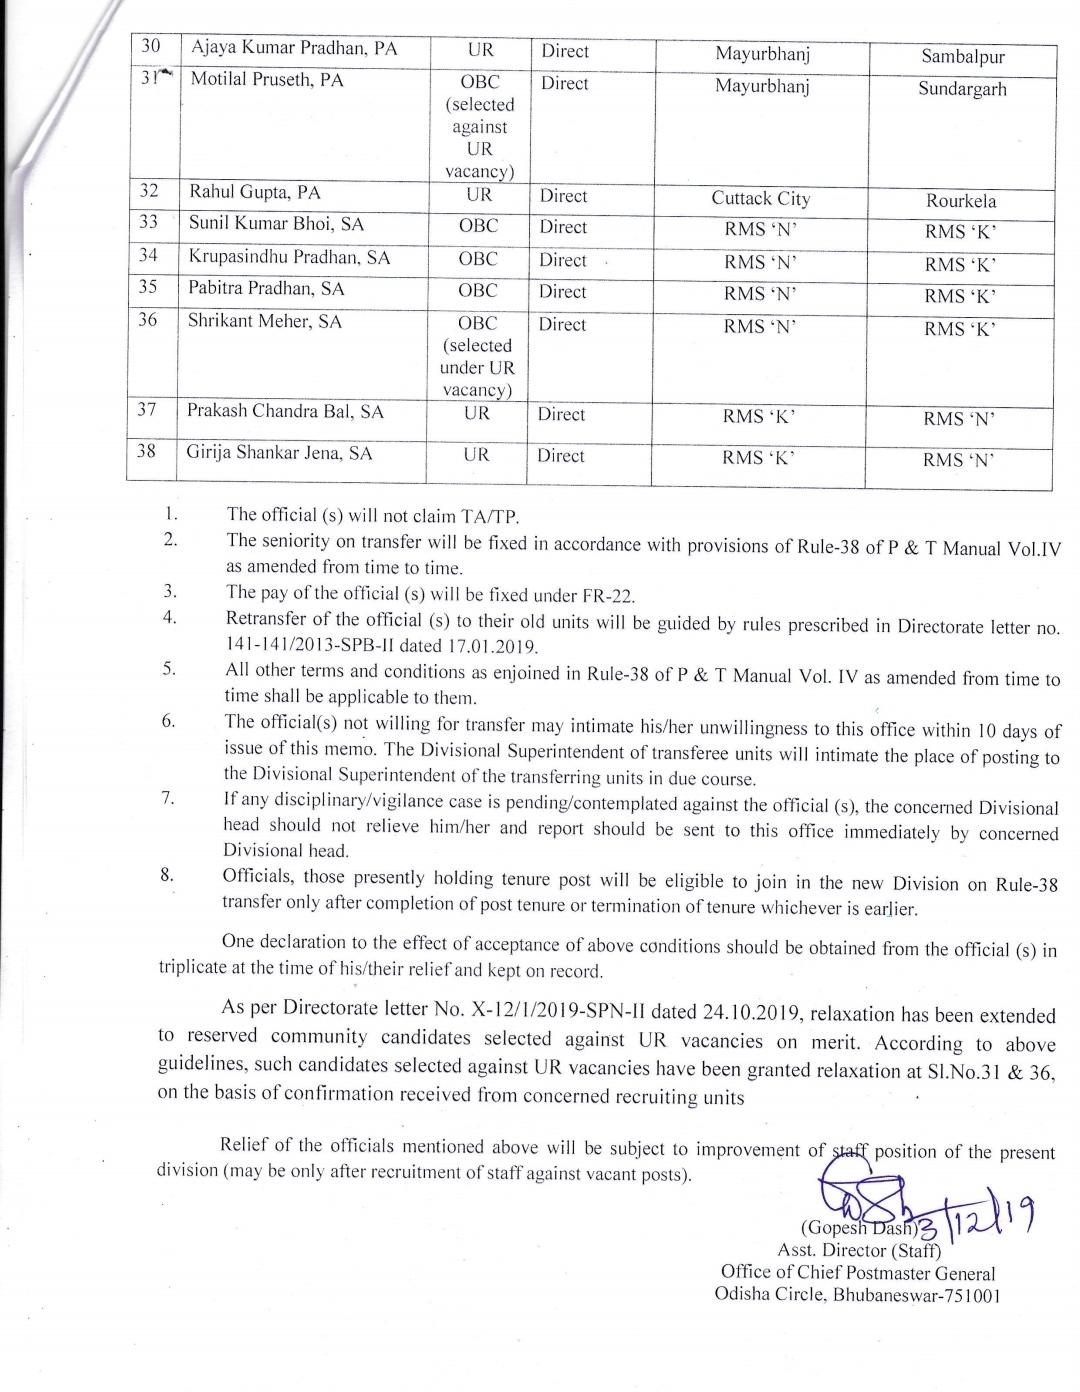 Rule 38 transfer list in odisha circle